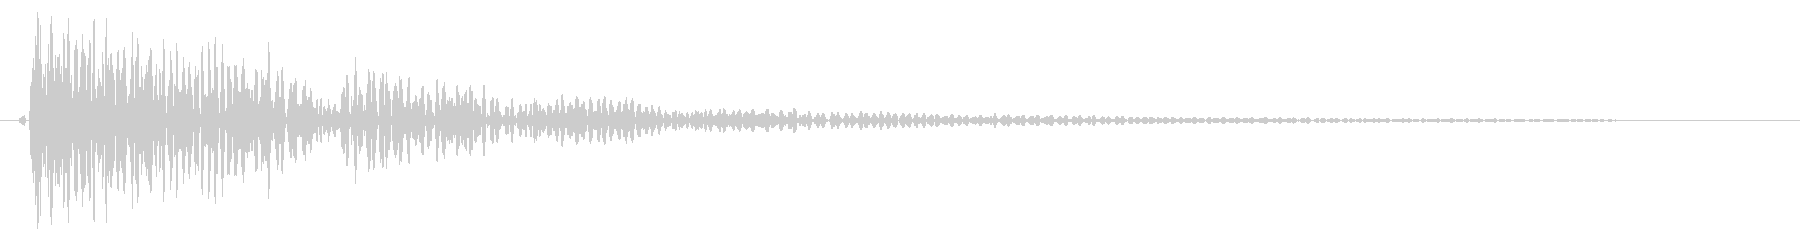 選択肢を決定する際の効果音の未再生の波形